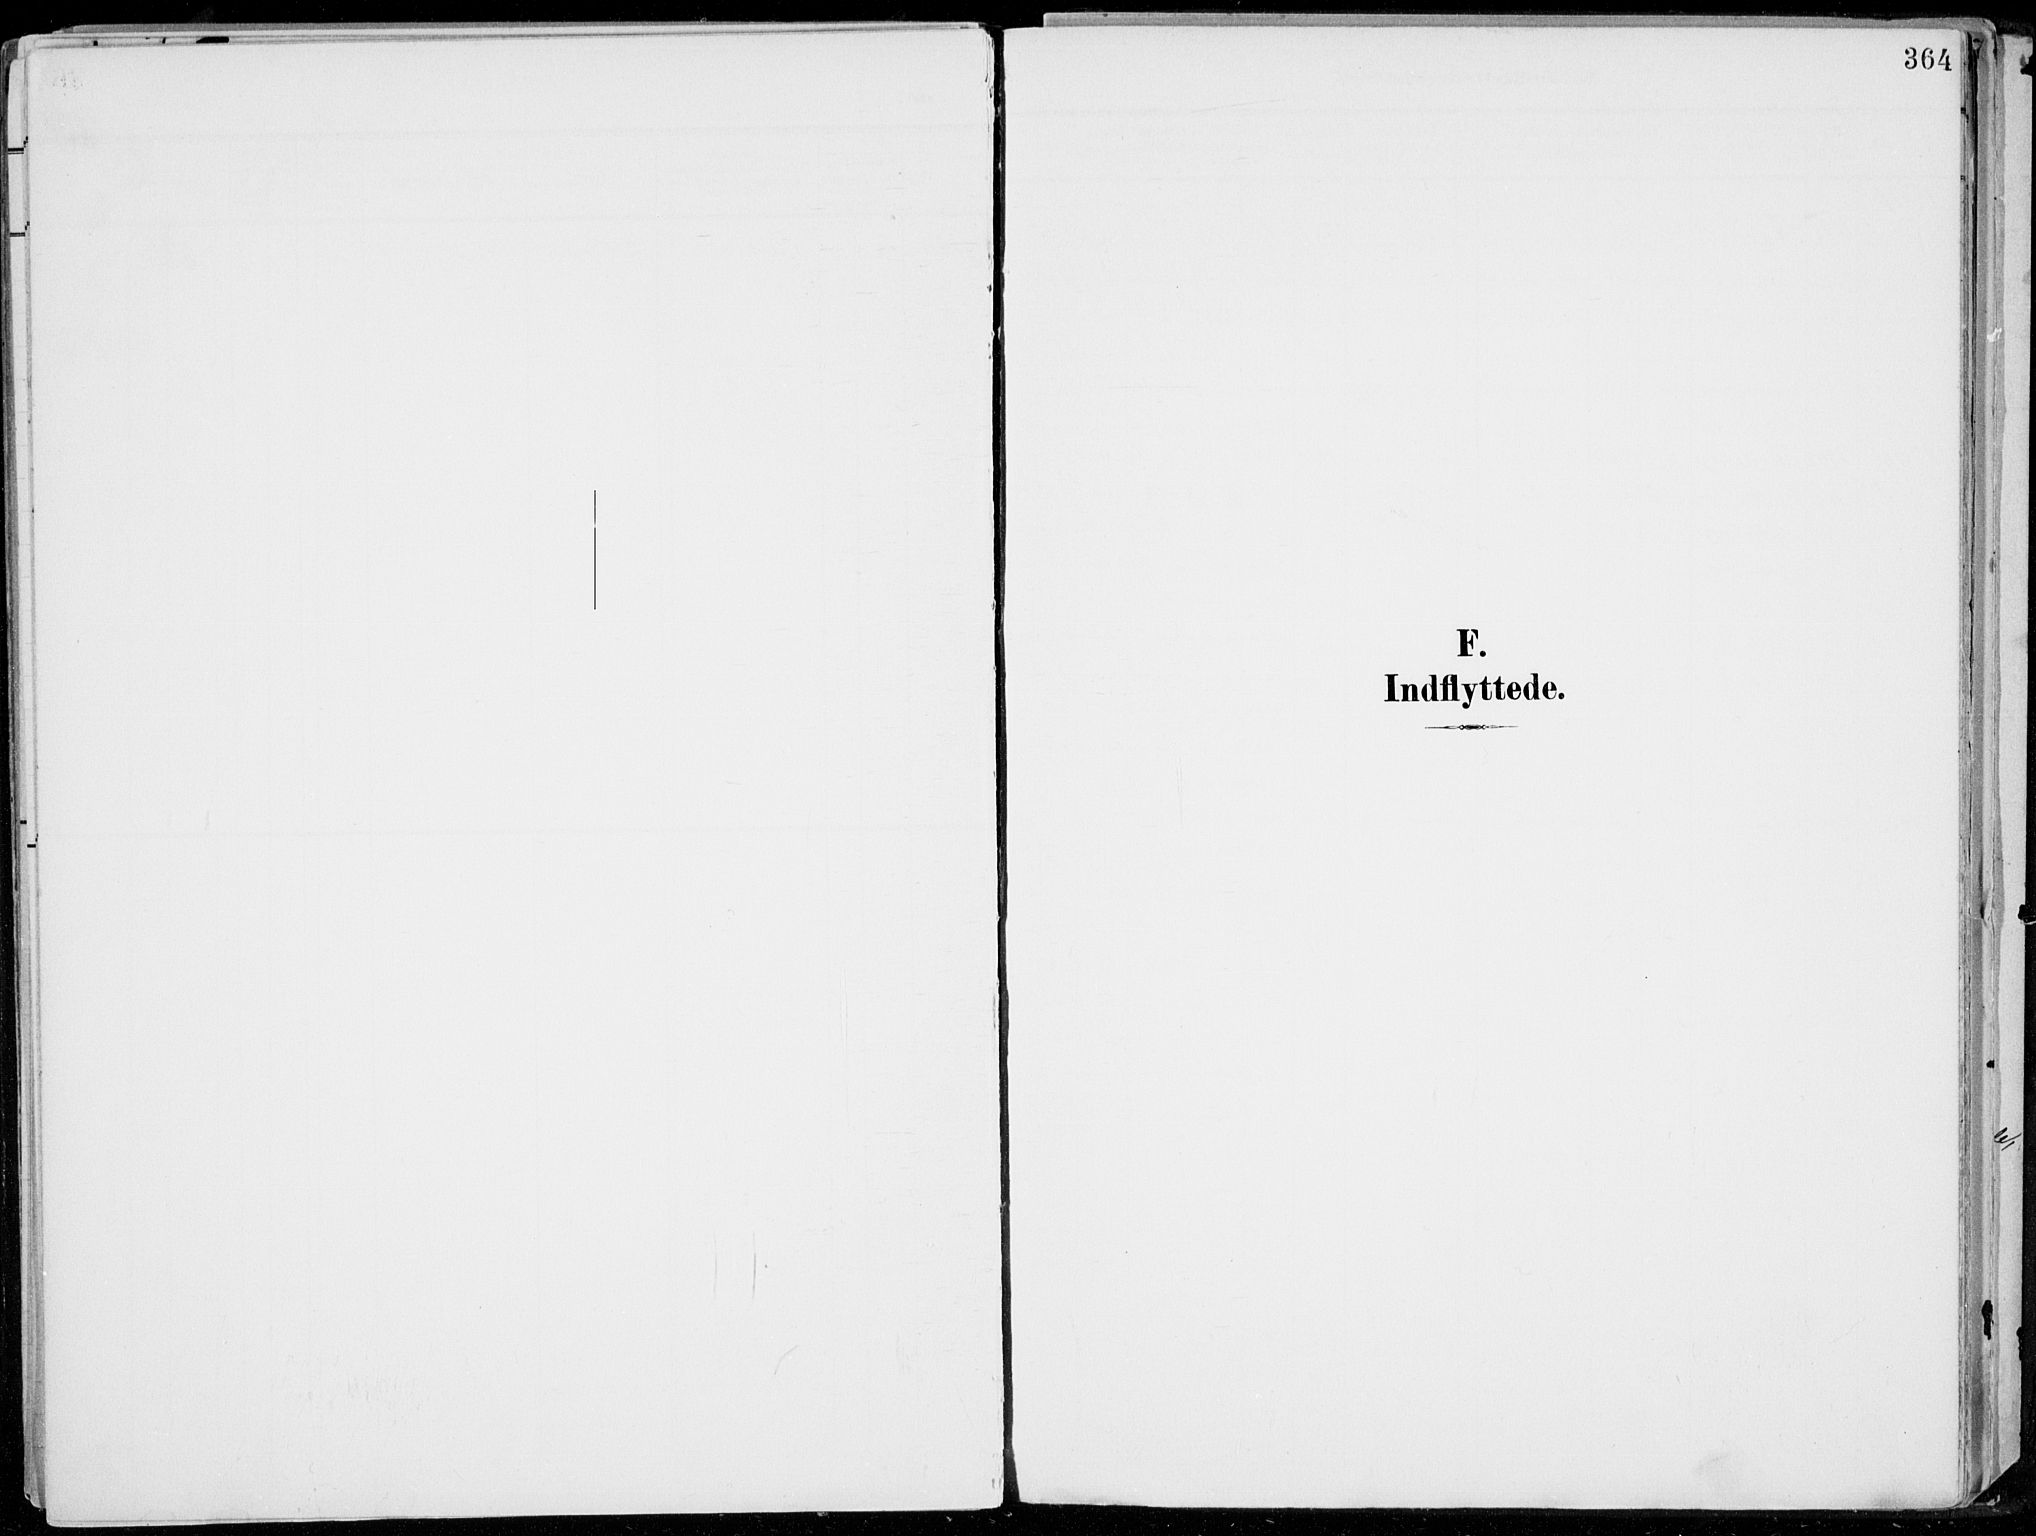 SAH, Lillehammer prestekontor, H/Ha/Haa/L0001: Parish register (official) no. 1, 1901-1916, p. 364